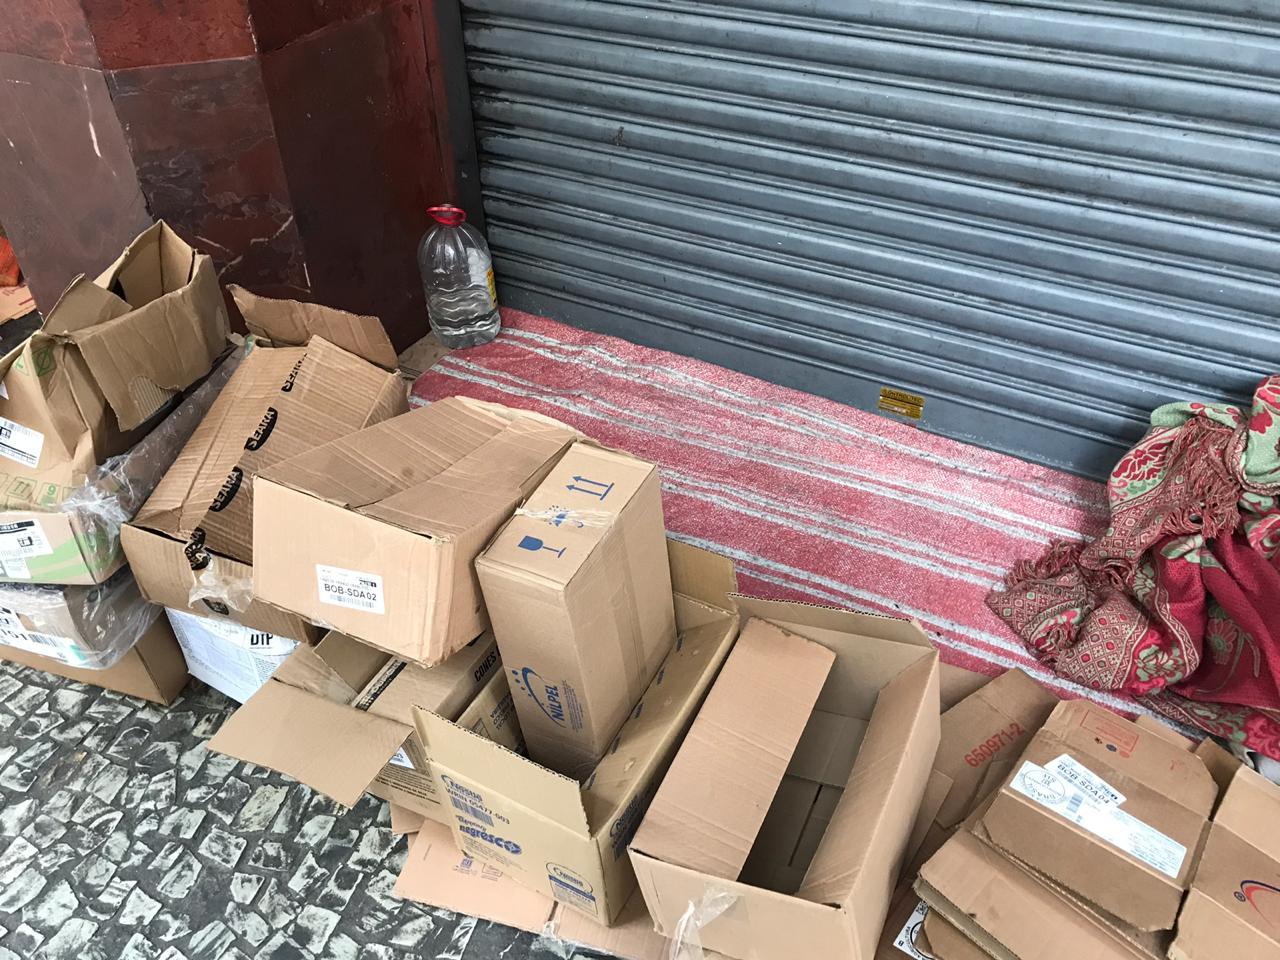 Caixas de papelão e suscetíveis a violências: a rotina das mulheres em situação de rua reflete ausência do Estado.   Foto: Lola Ferreira / Gênero e Número